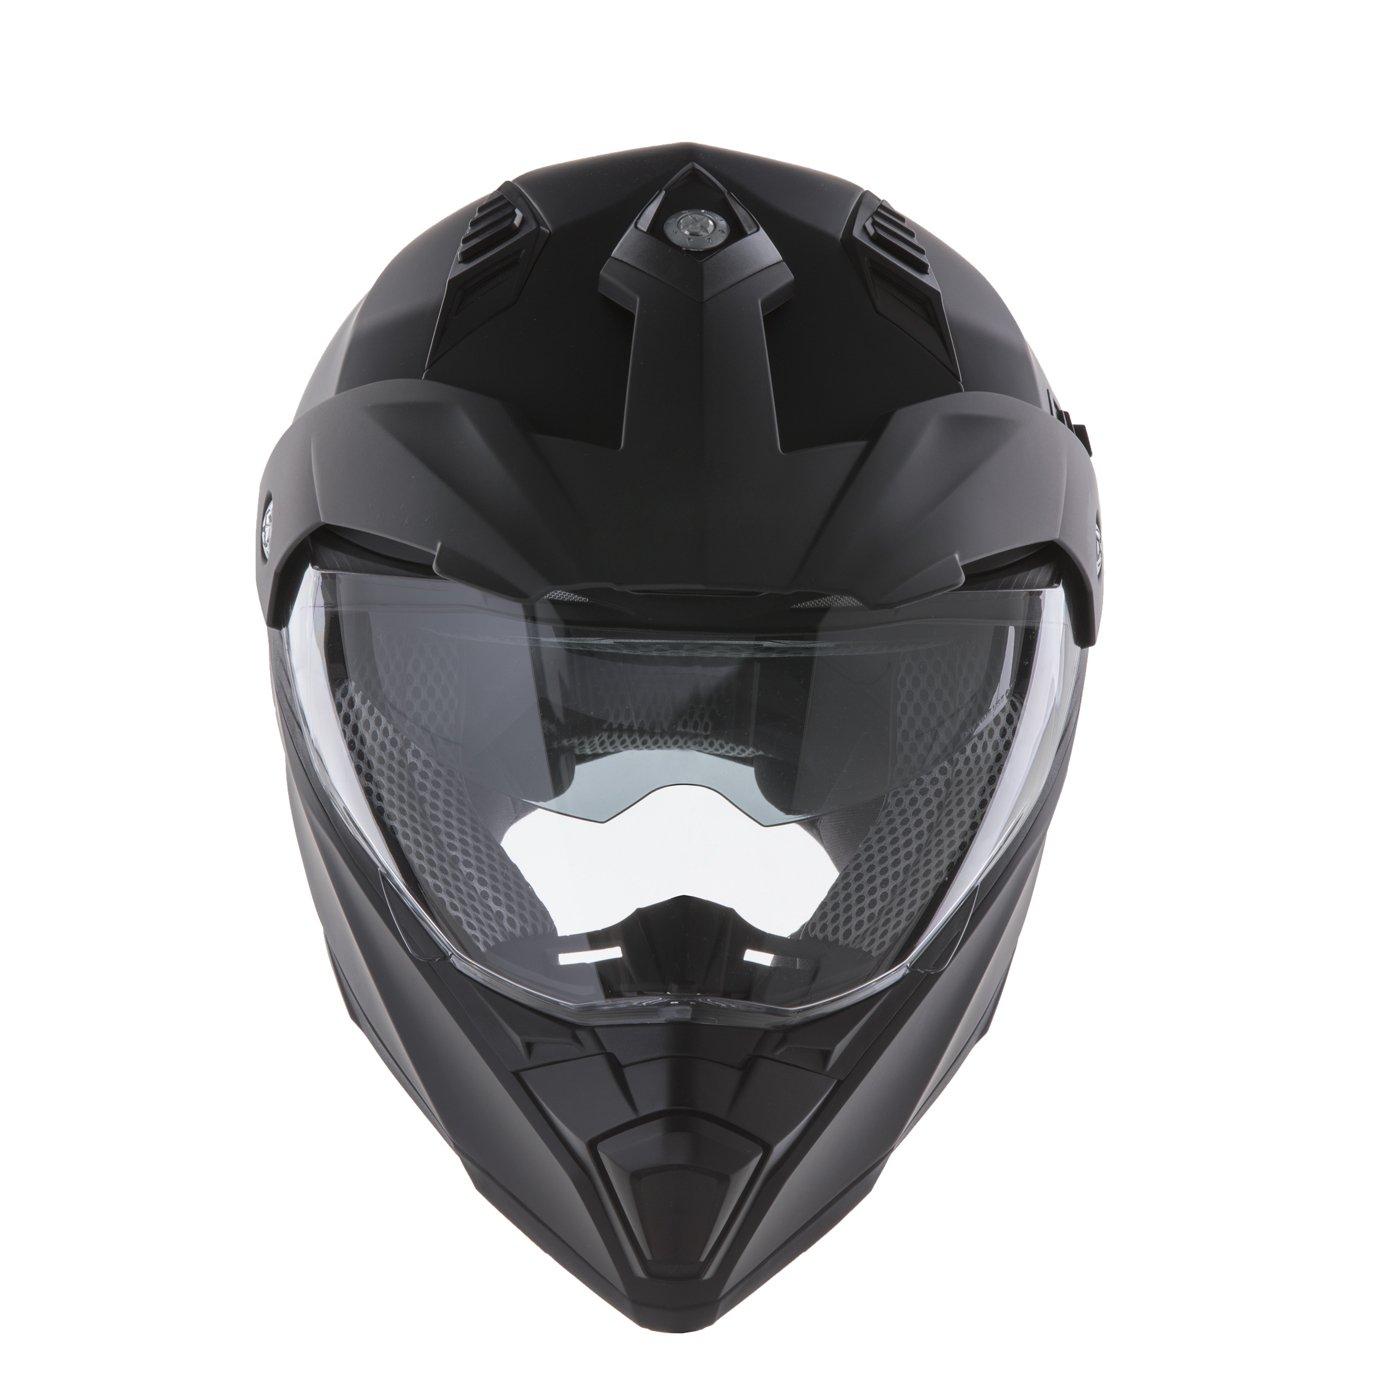 Panthera casque moto X Cross Tourer noir mat taille M